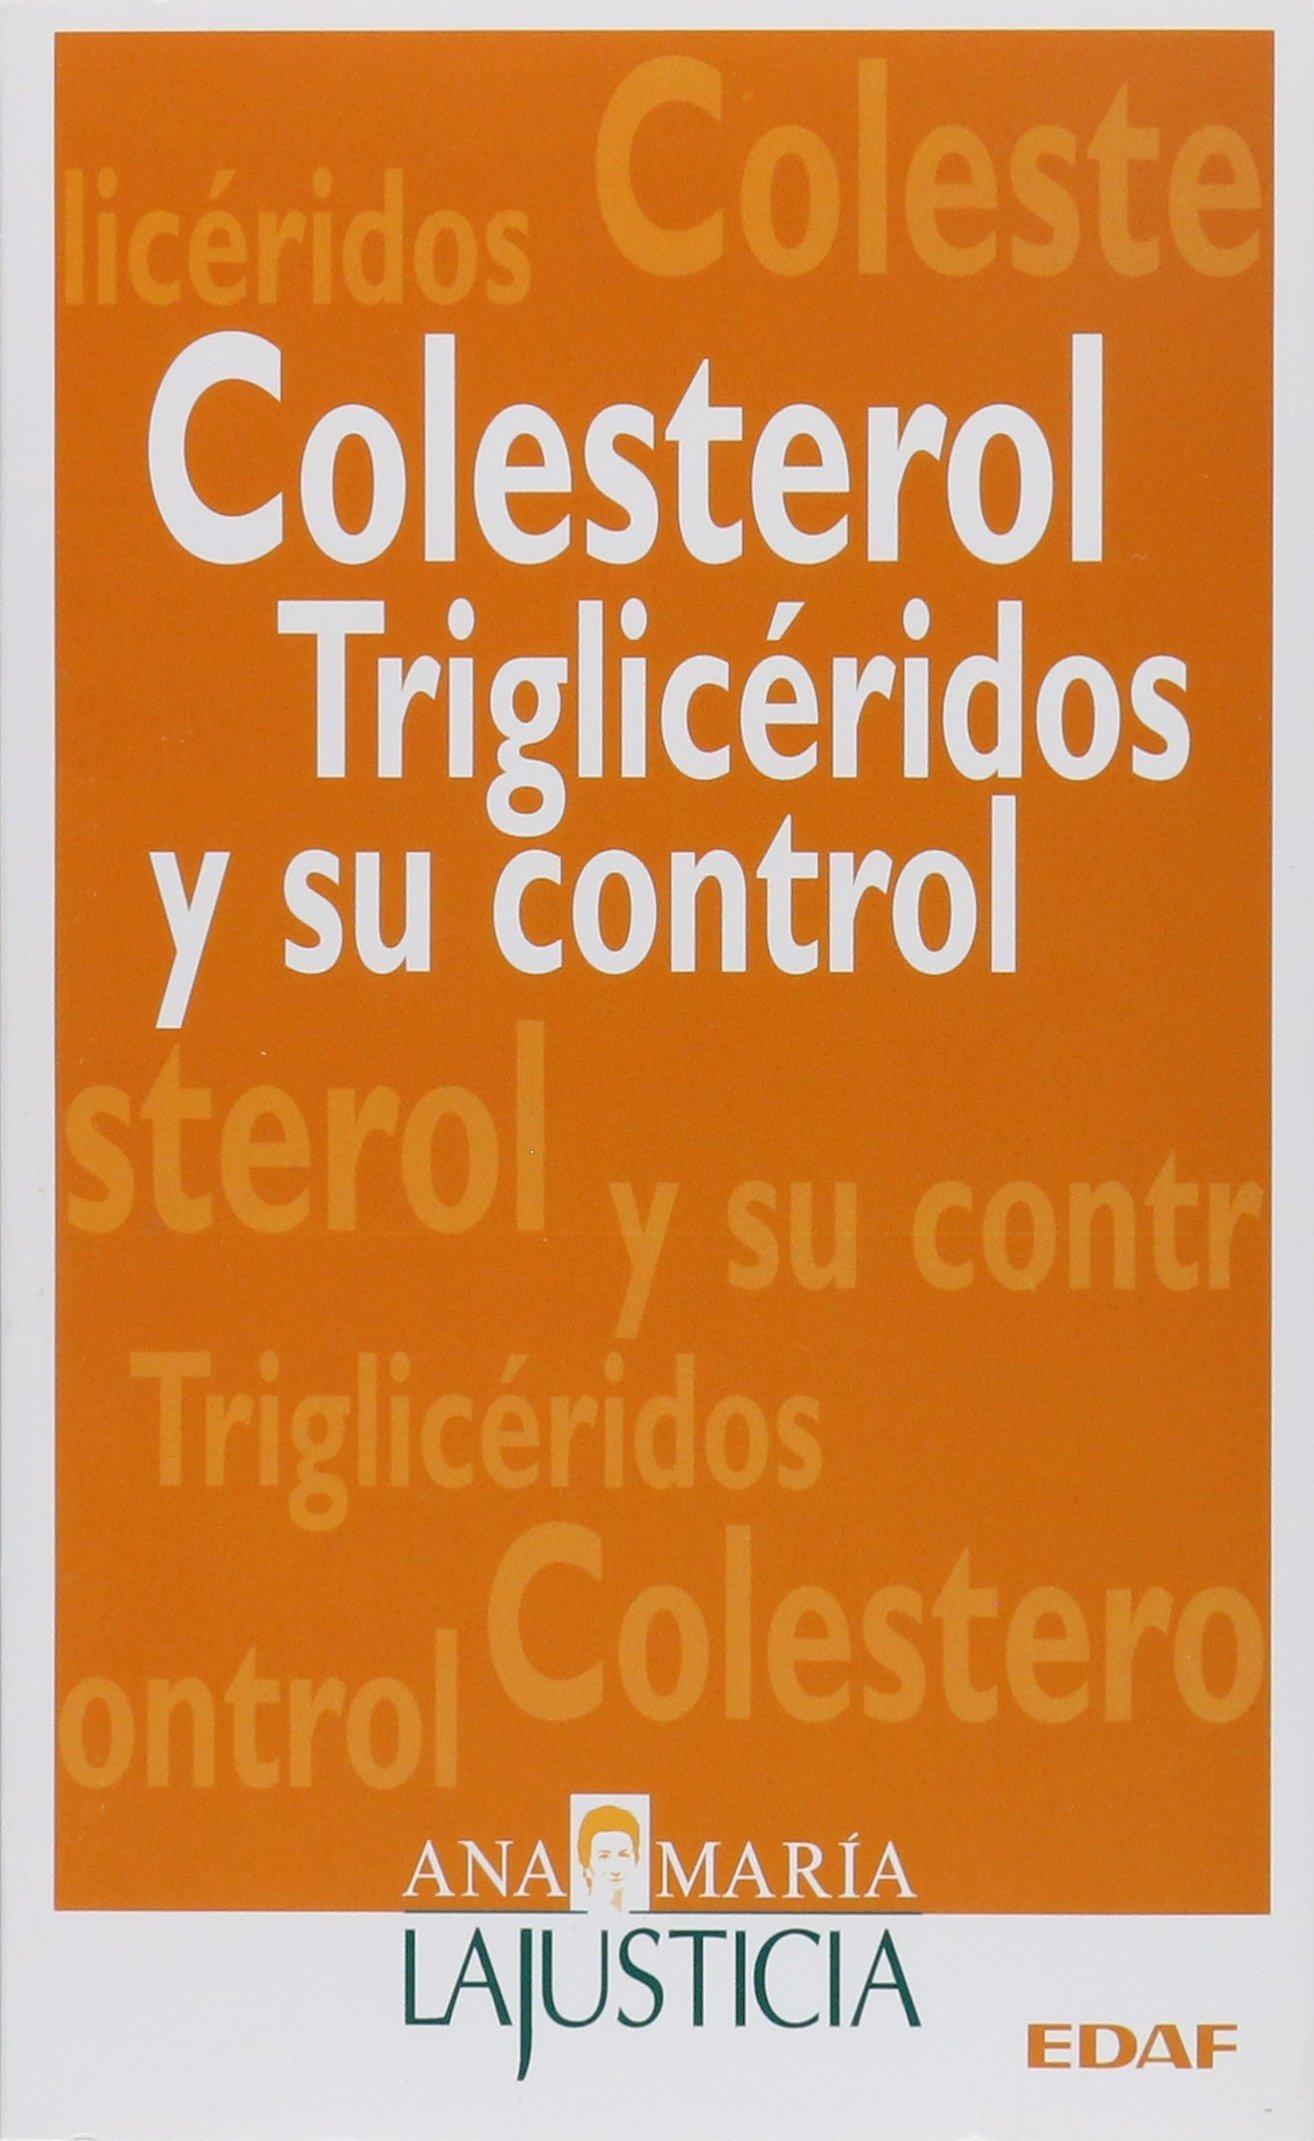 Colesterol, trigliceridos y su control (Plus Vitae): Amazon.es: Lajusticia Ana Maria: Libros